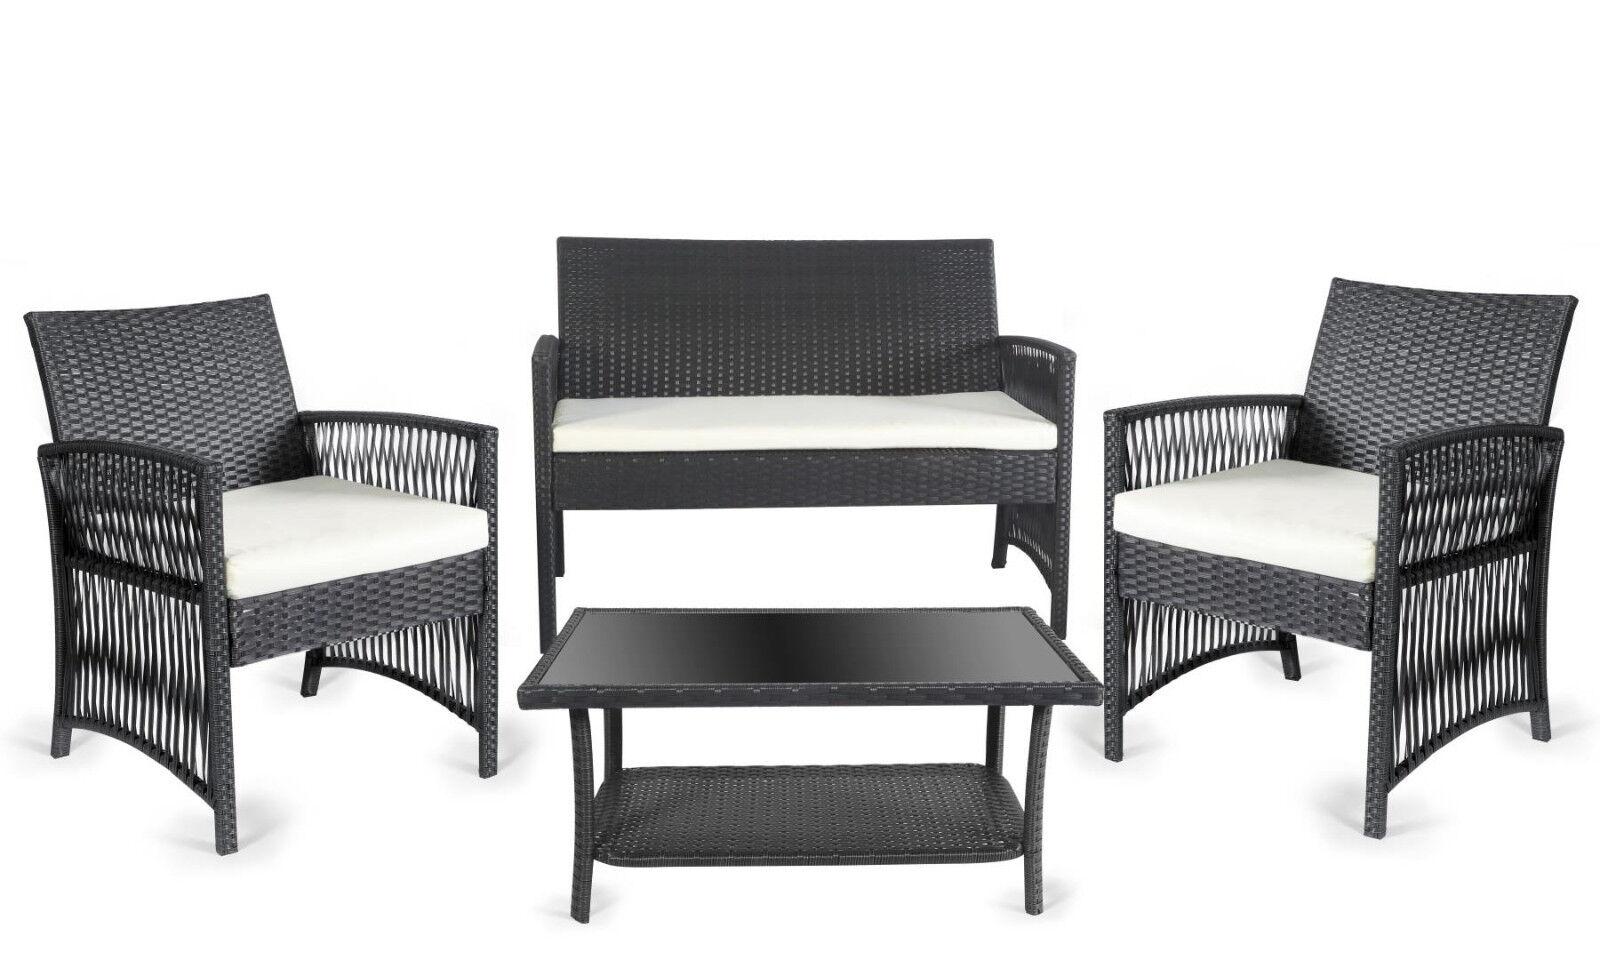 Bielbet Gartenmöbel-Set 7-teilig Sitz-Garnitur TASOS Stahl Stahl Stahl Kunststoff schwarz 3566c2